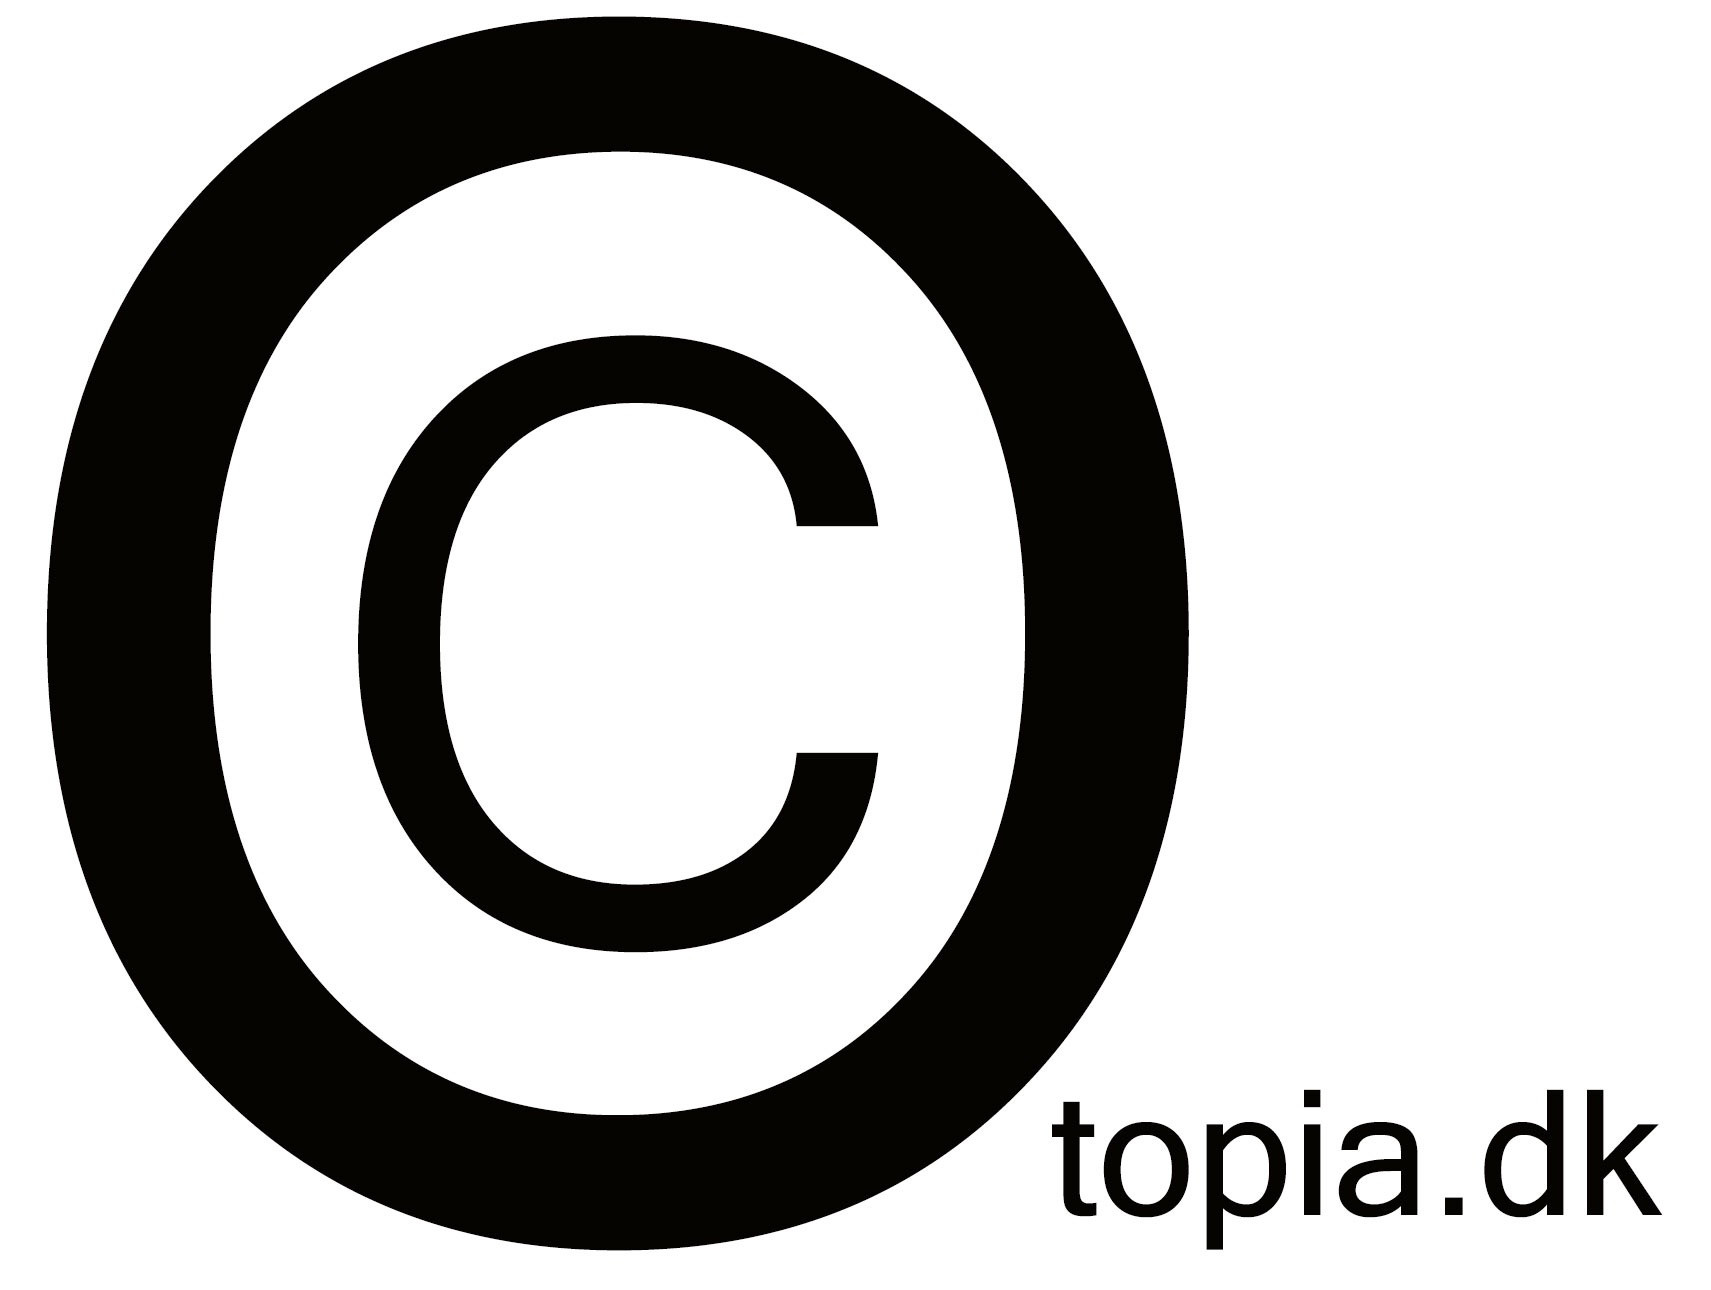 Otopia.dk